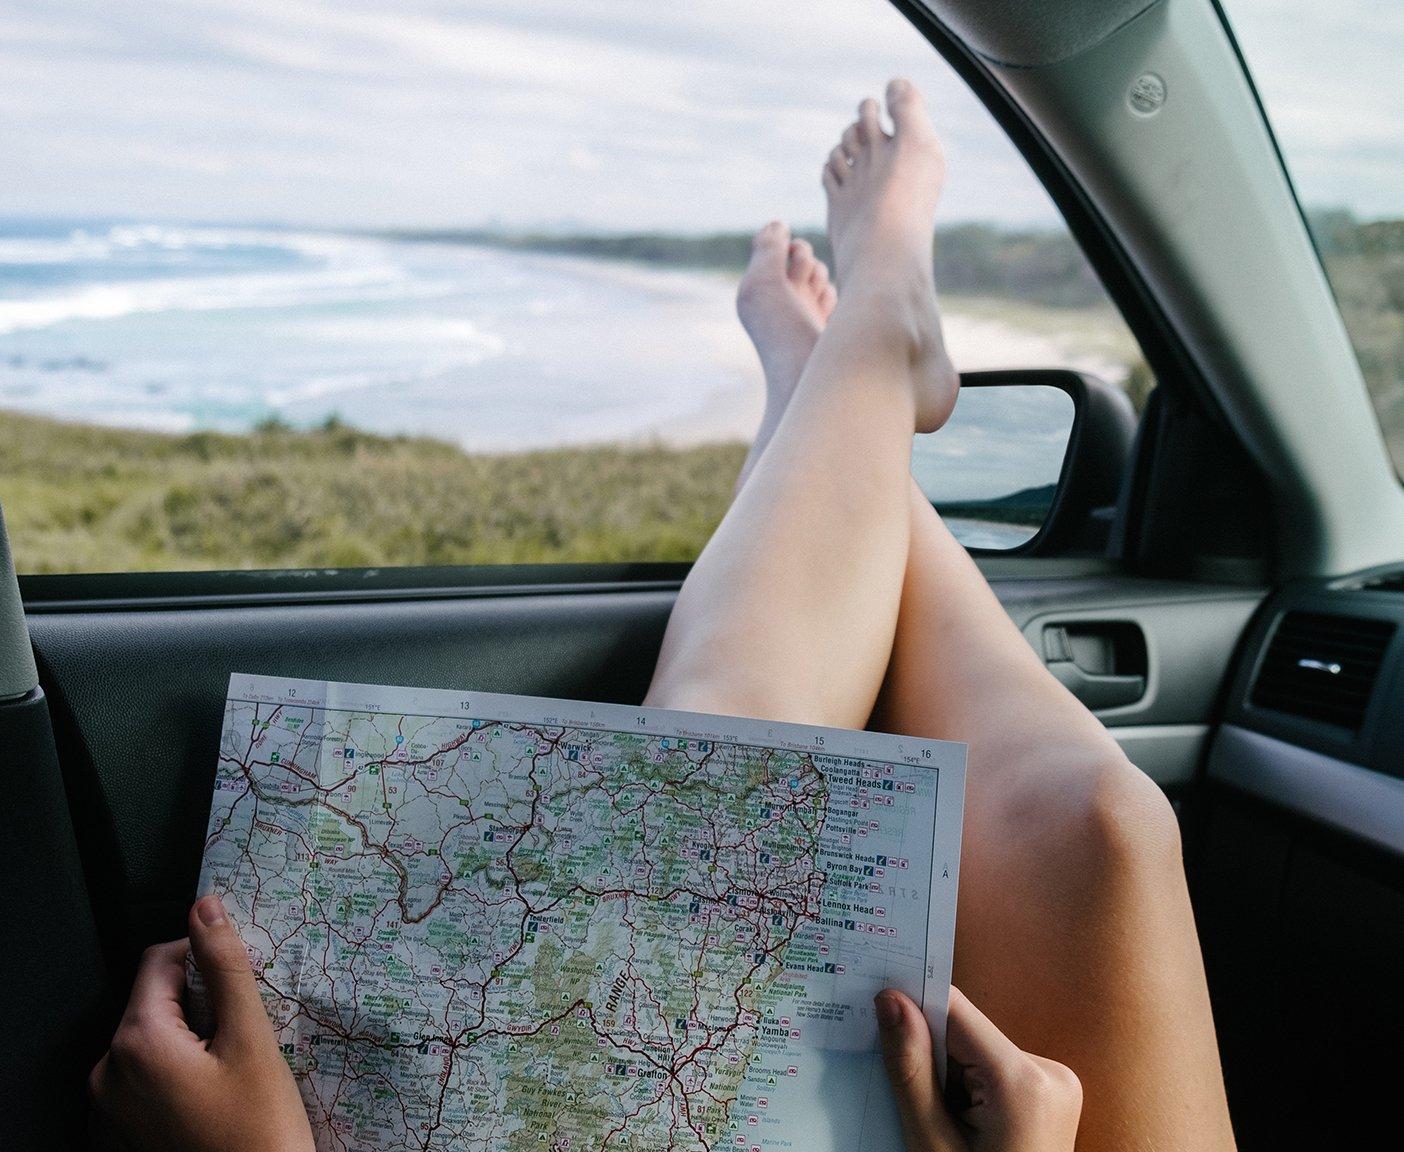 Wohnmobil-Grundausstattung fuer Einsteiger Karte zur Navigation